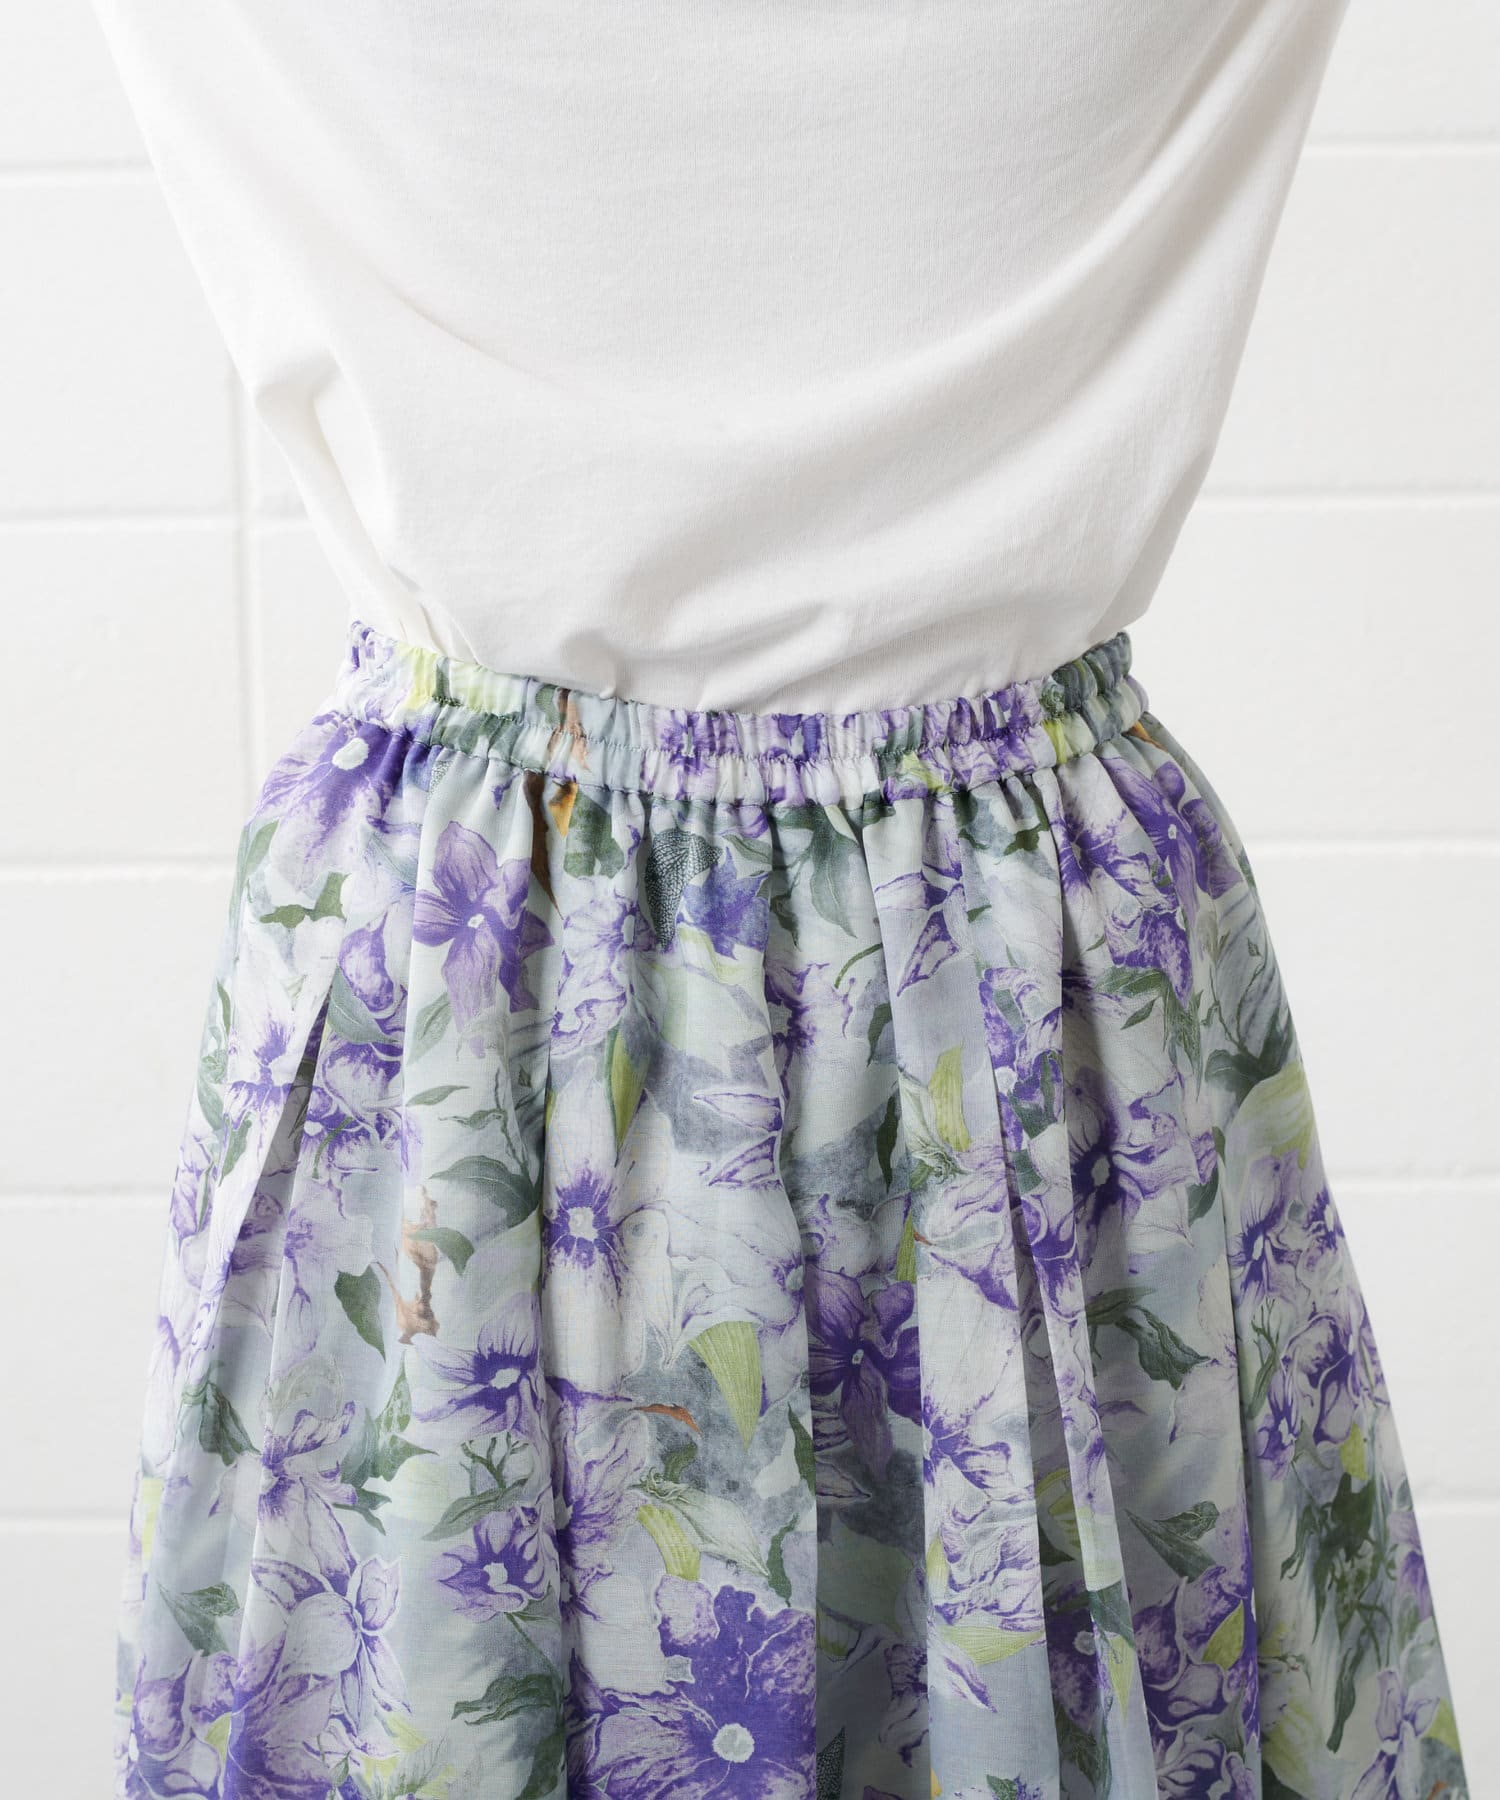 PLUS OTO.HA(プラス オトハ) クレマティスタックプリーツスカート